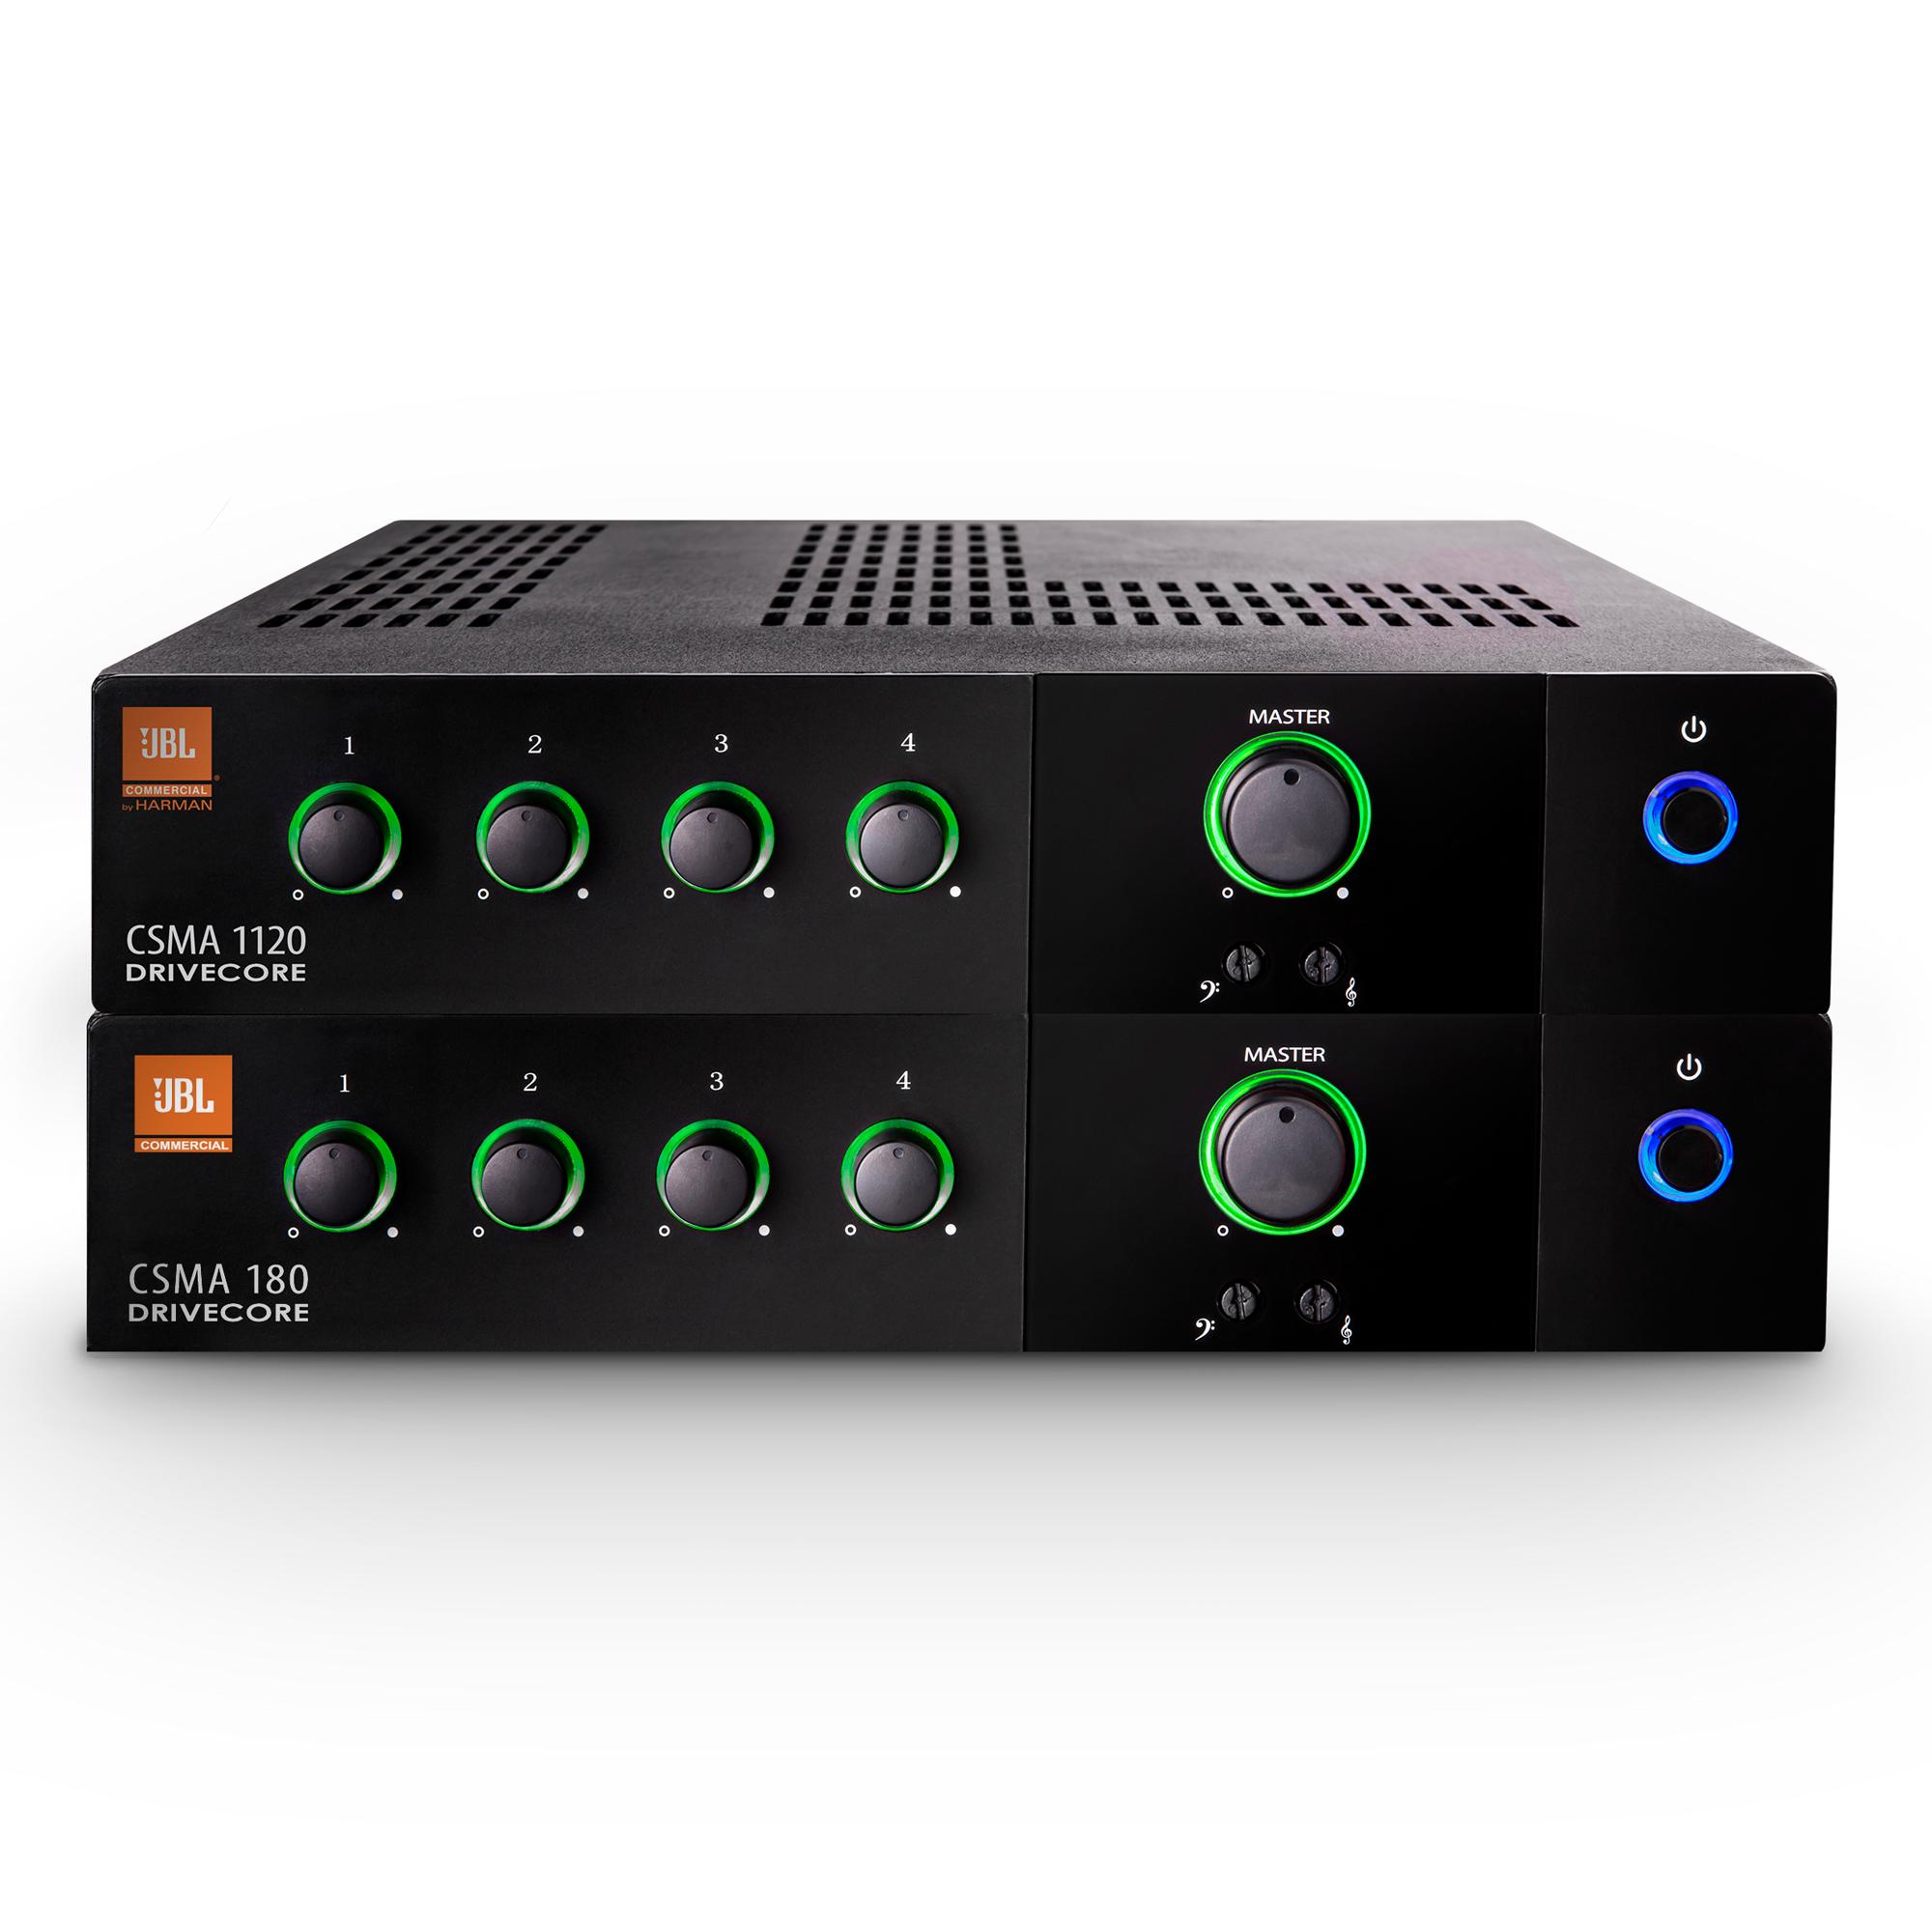 CS Series Mixer Amplifiers